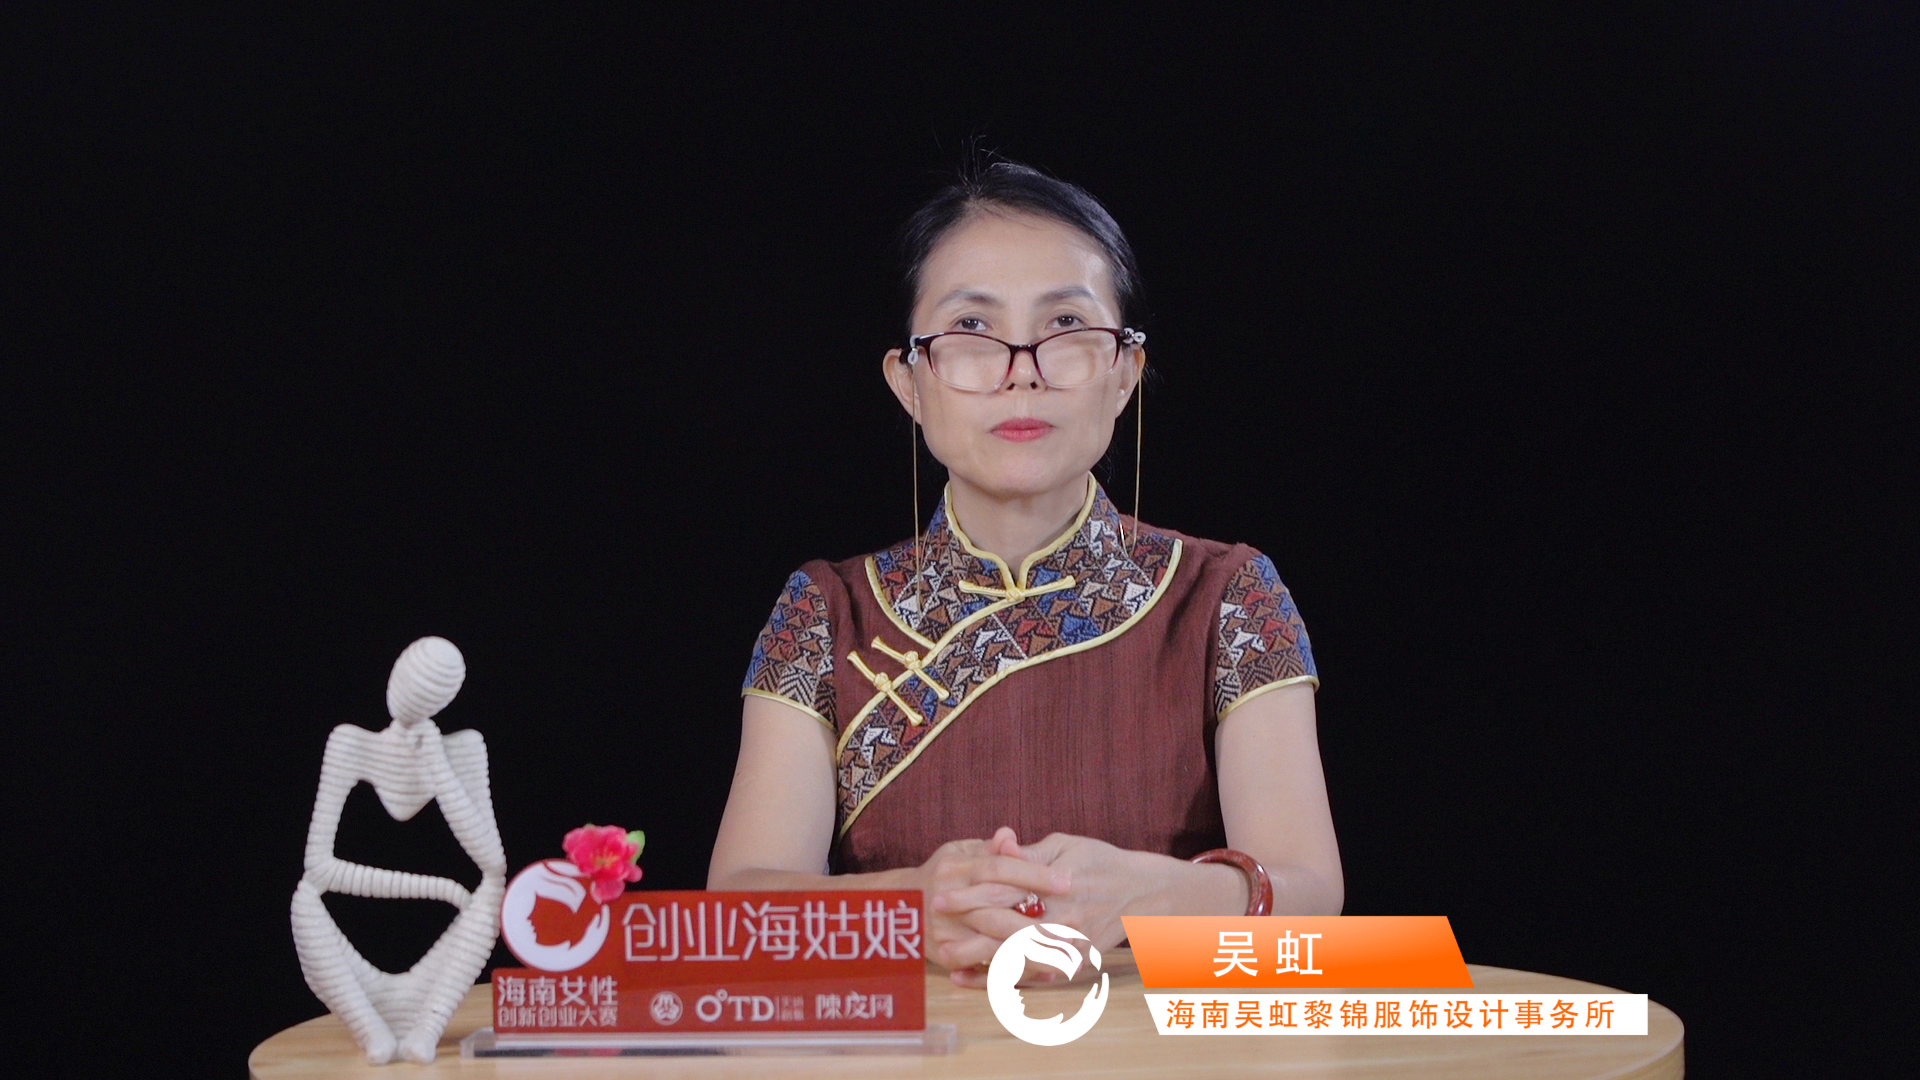 创业海姑娘|黎锦旗袍创始人吴虹,传统与时尚相结合的黎锦旗袍